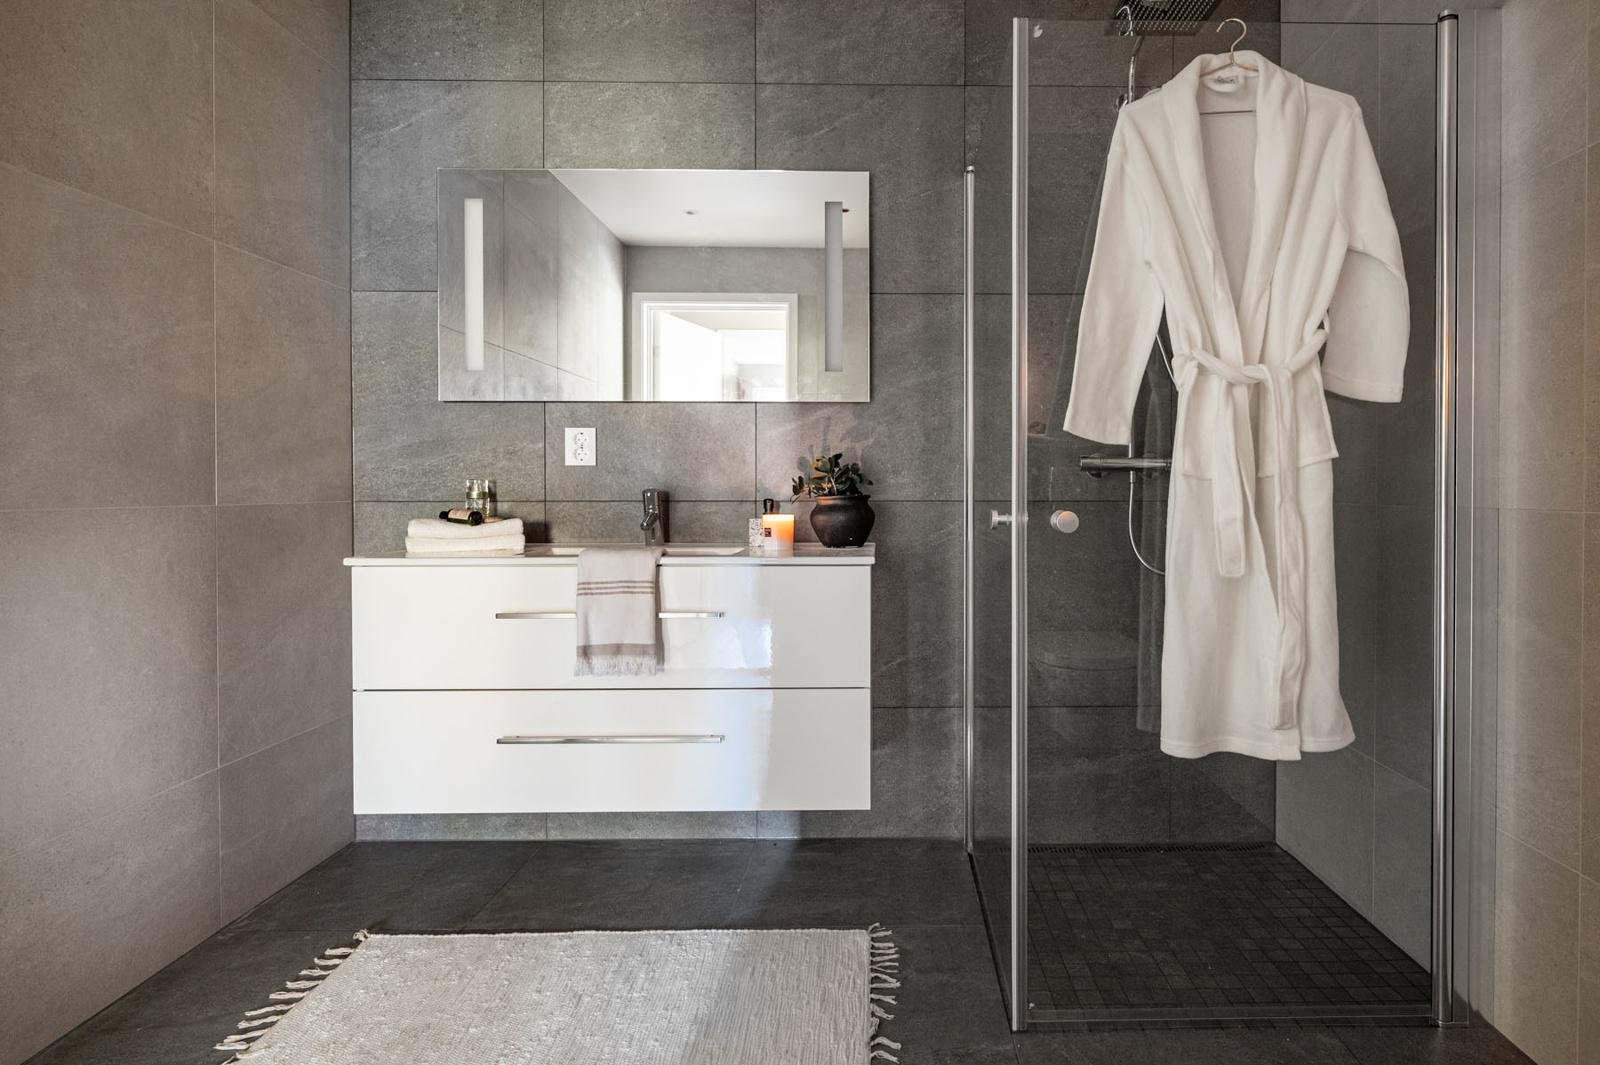 Bad. Det er svingbart dusjhjørne og vegghengt toalett.